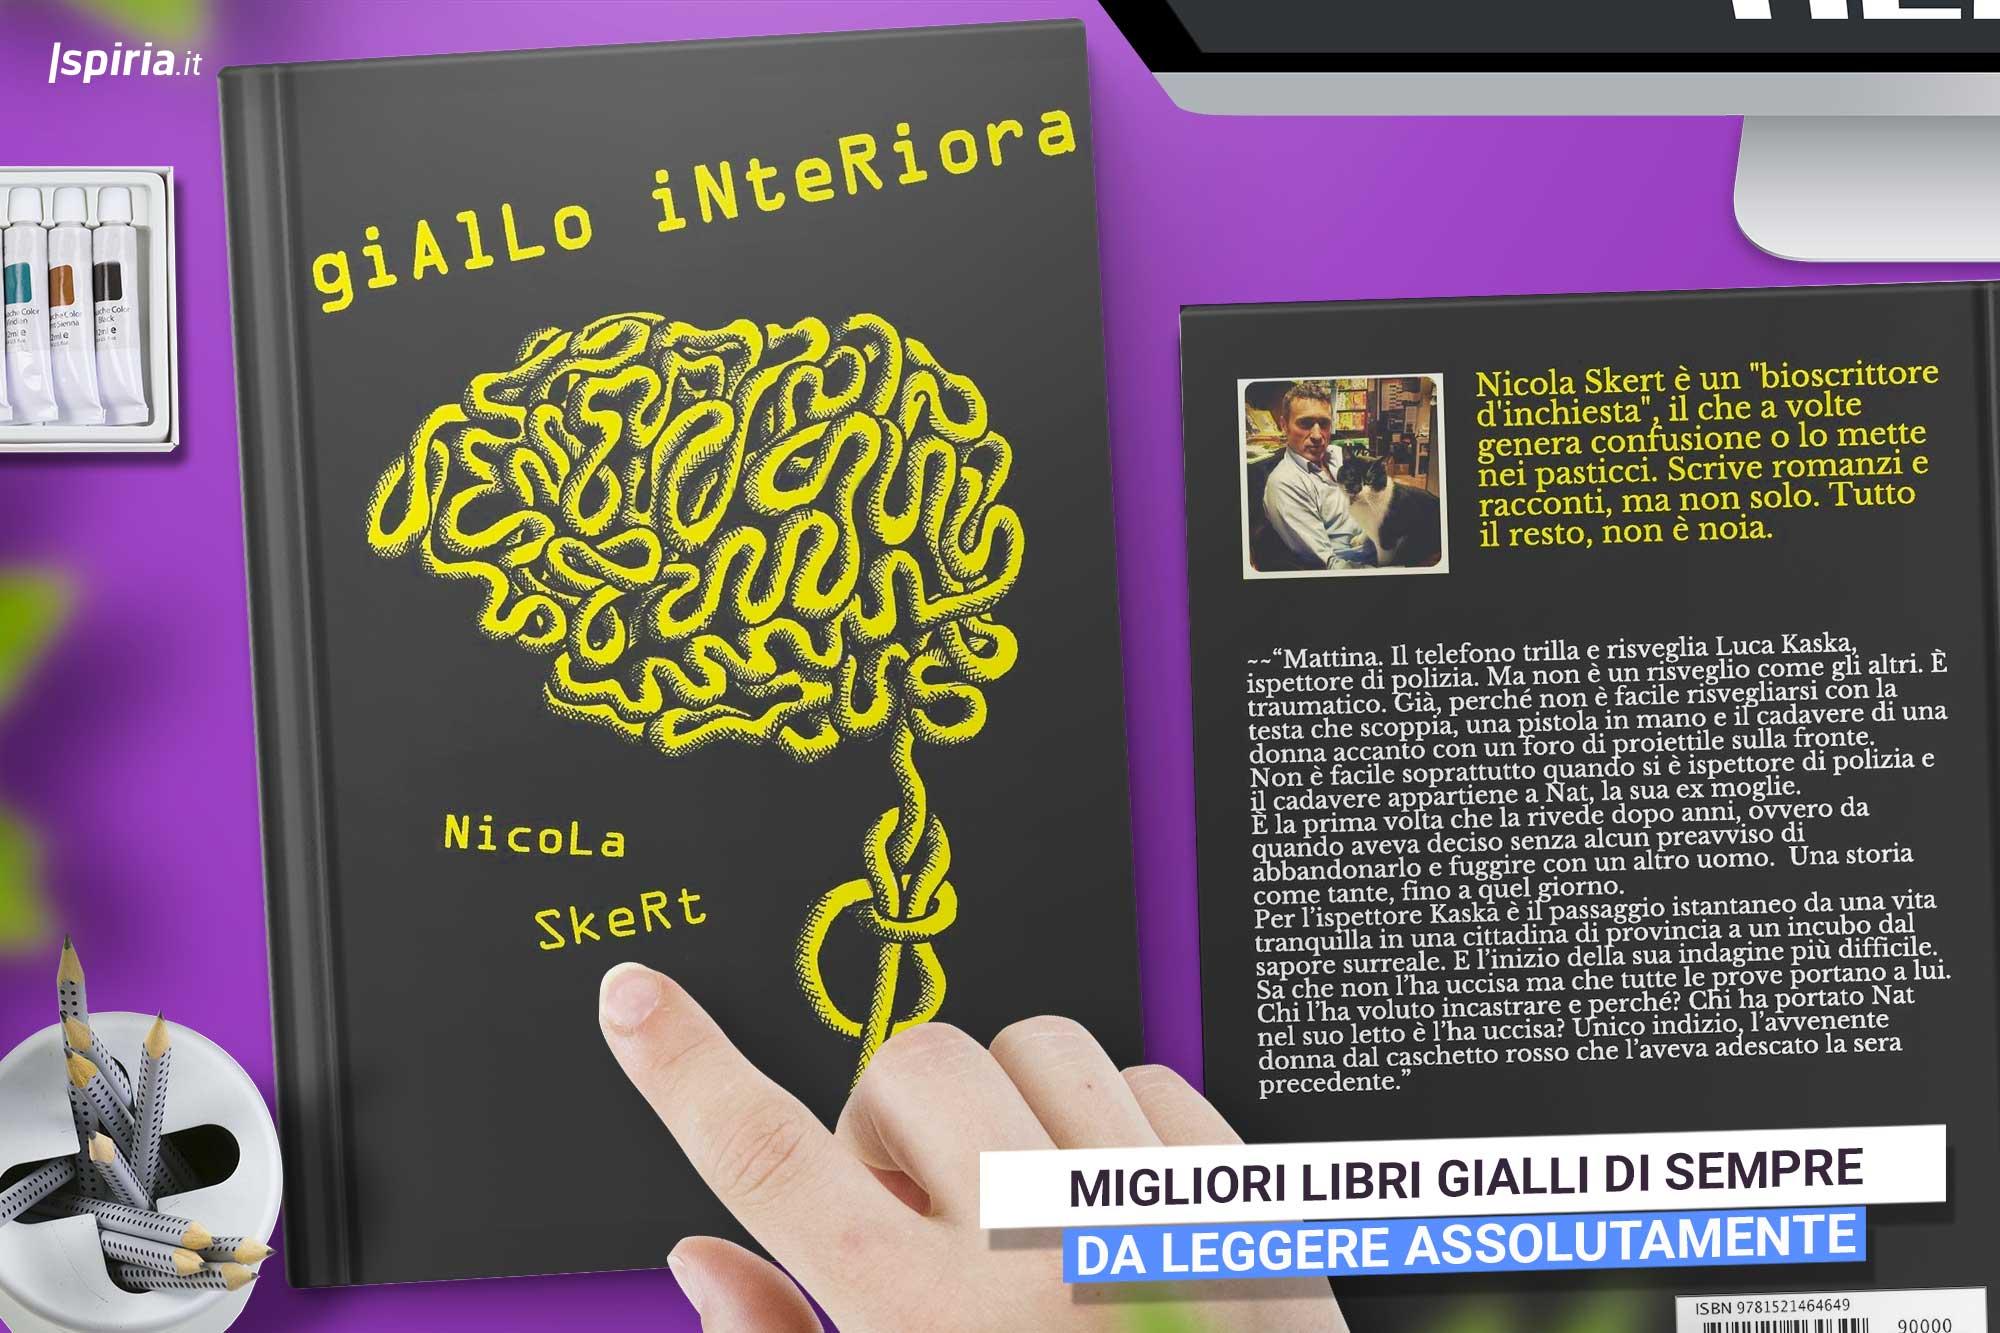 migliori-libri-gialli-da-leggere